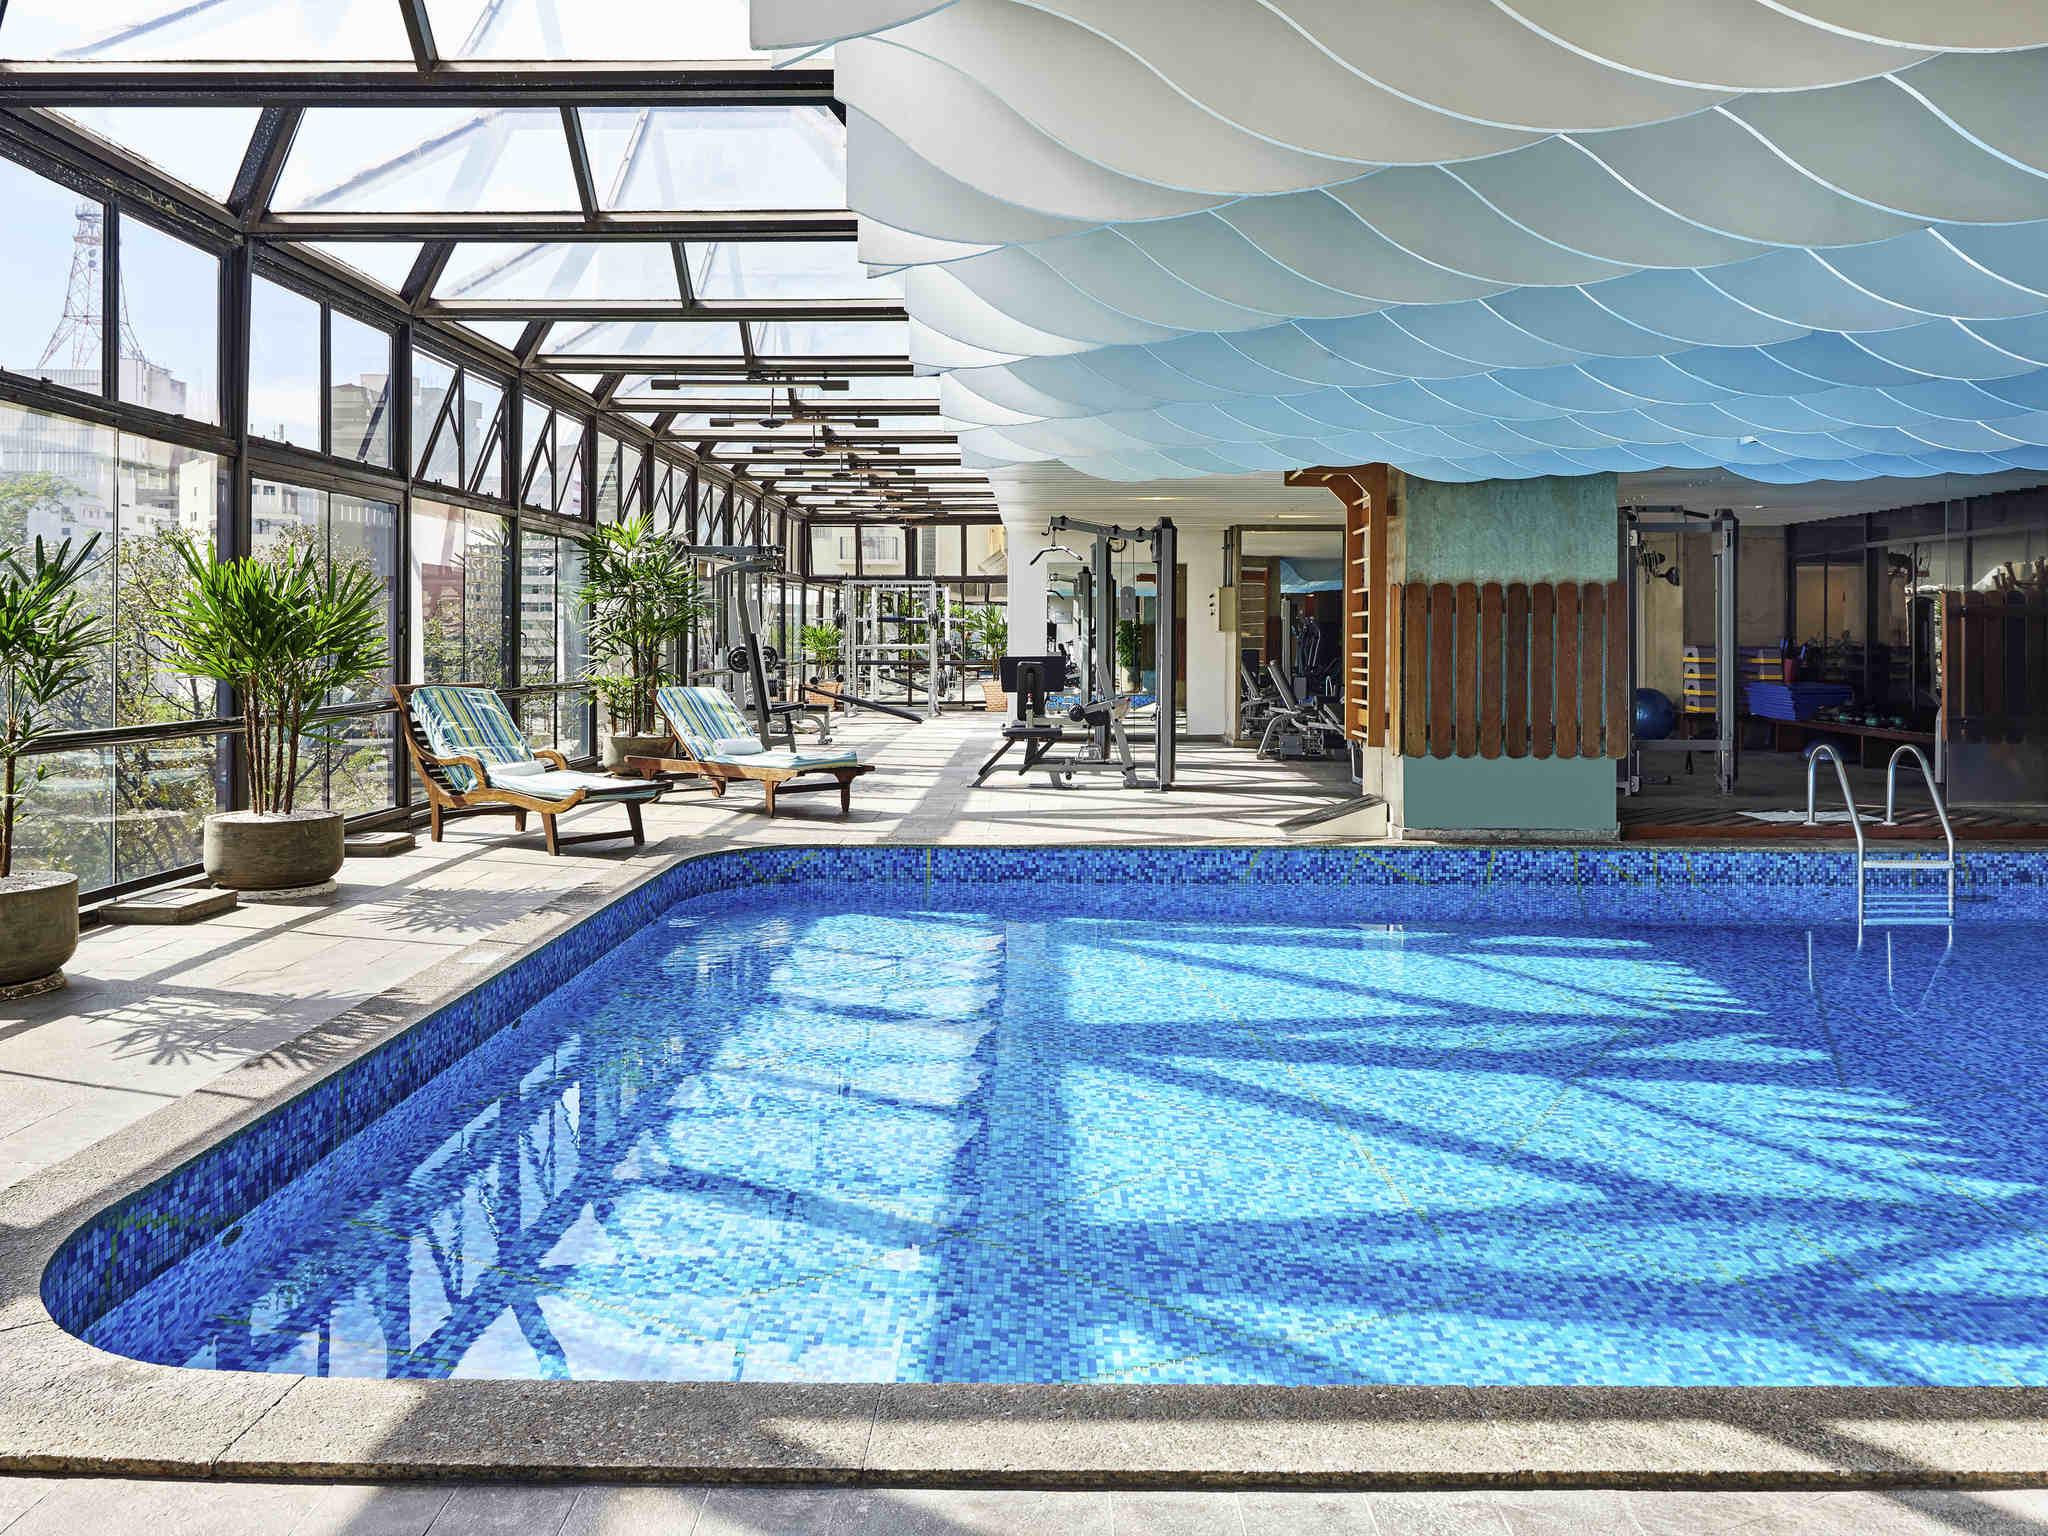 Hôtel - Maksoud Plaza Hotel - distribué par AccorHotels